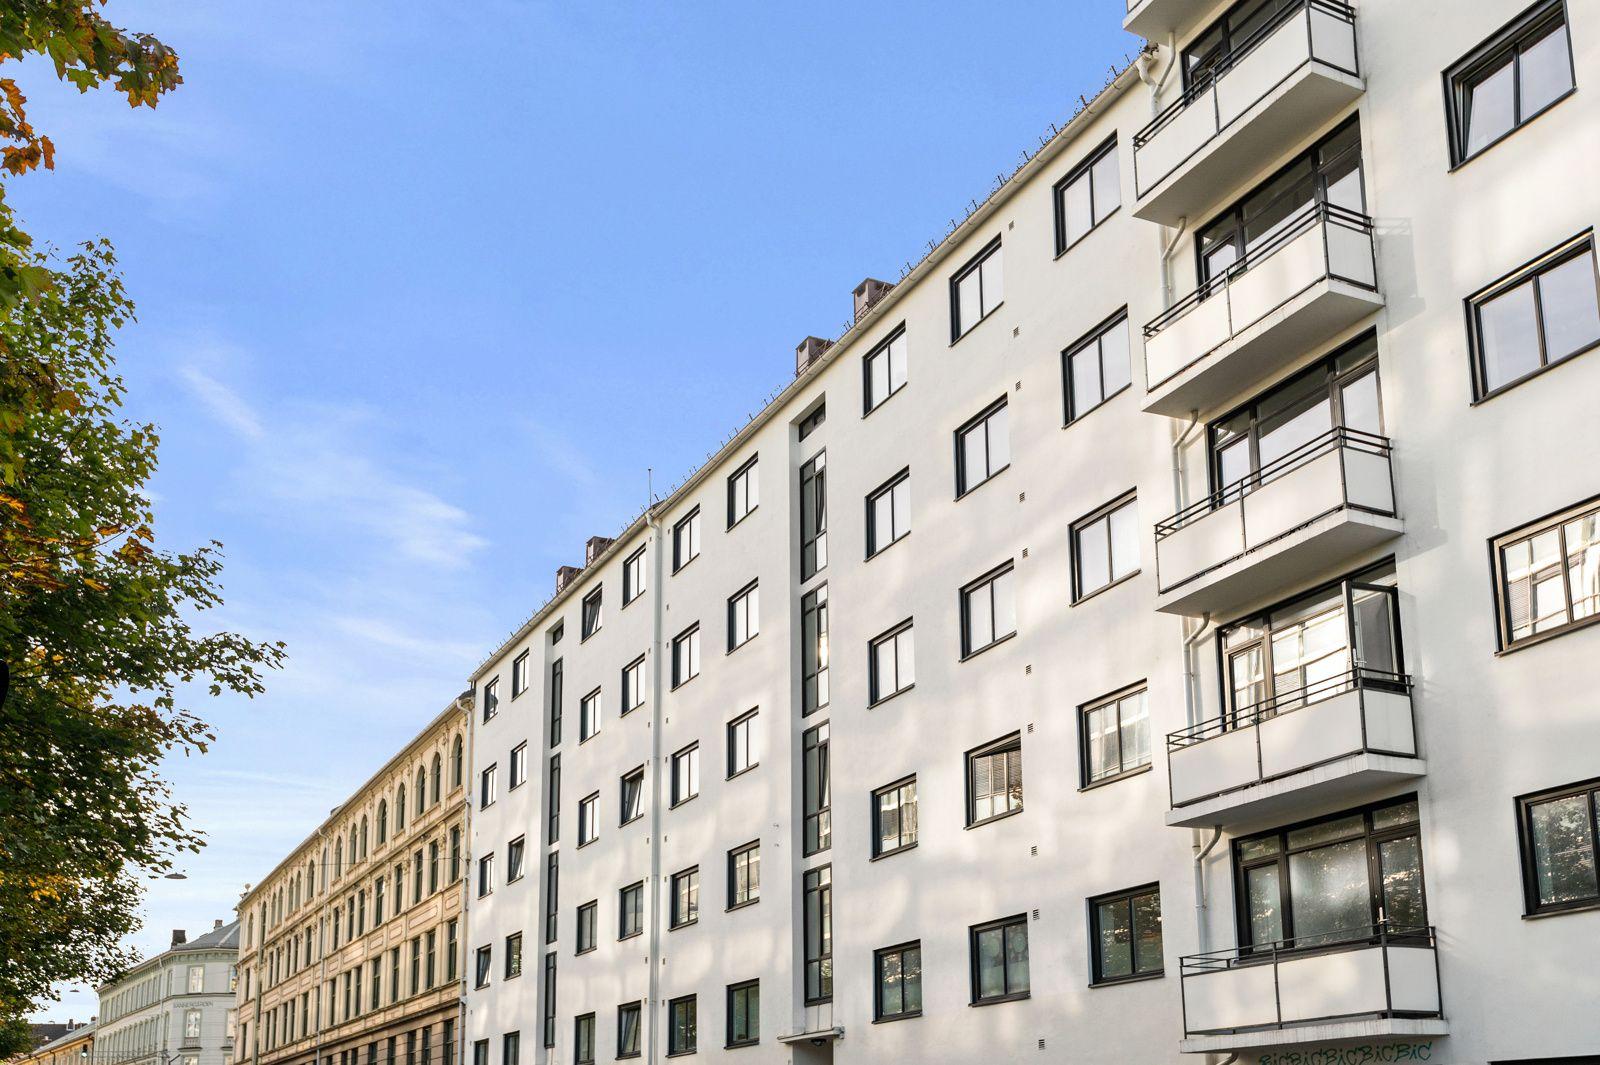 Sannergata 5C Fasade Sannergata 5.